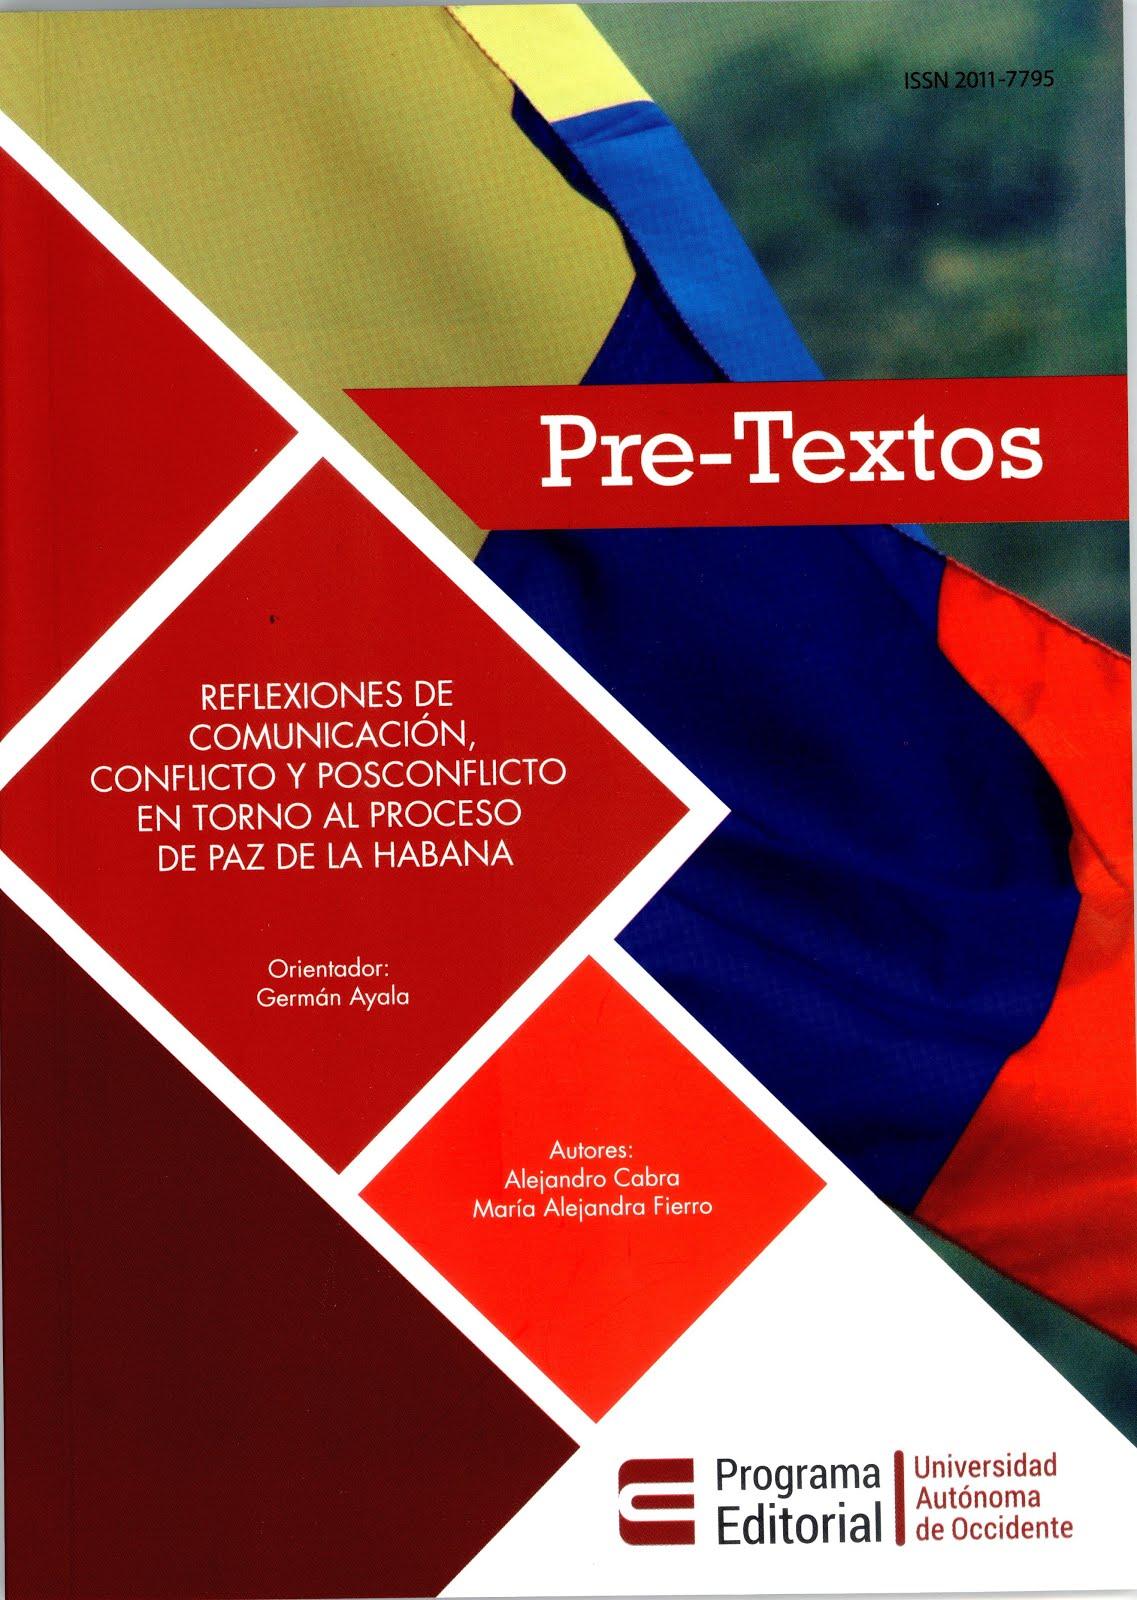 Publicación de dos estudiantes del curso Comunicación, Conflicto y Posconflicto. 2016